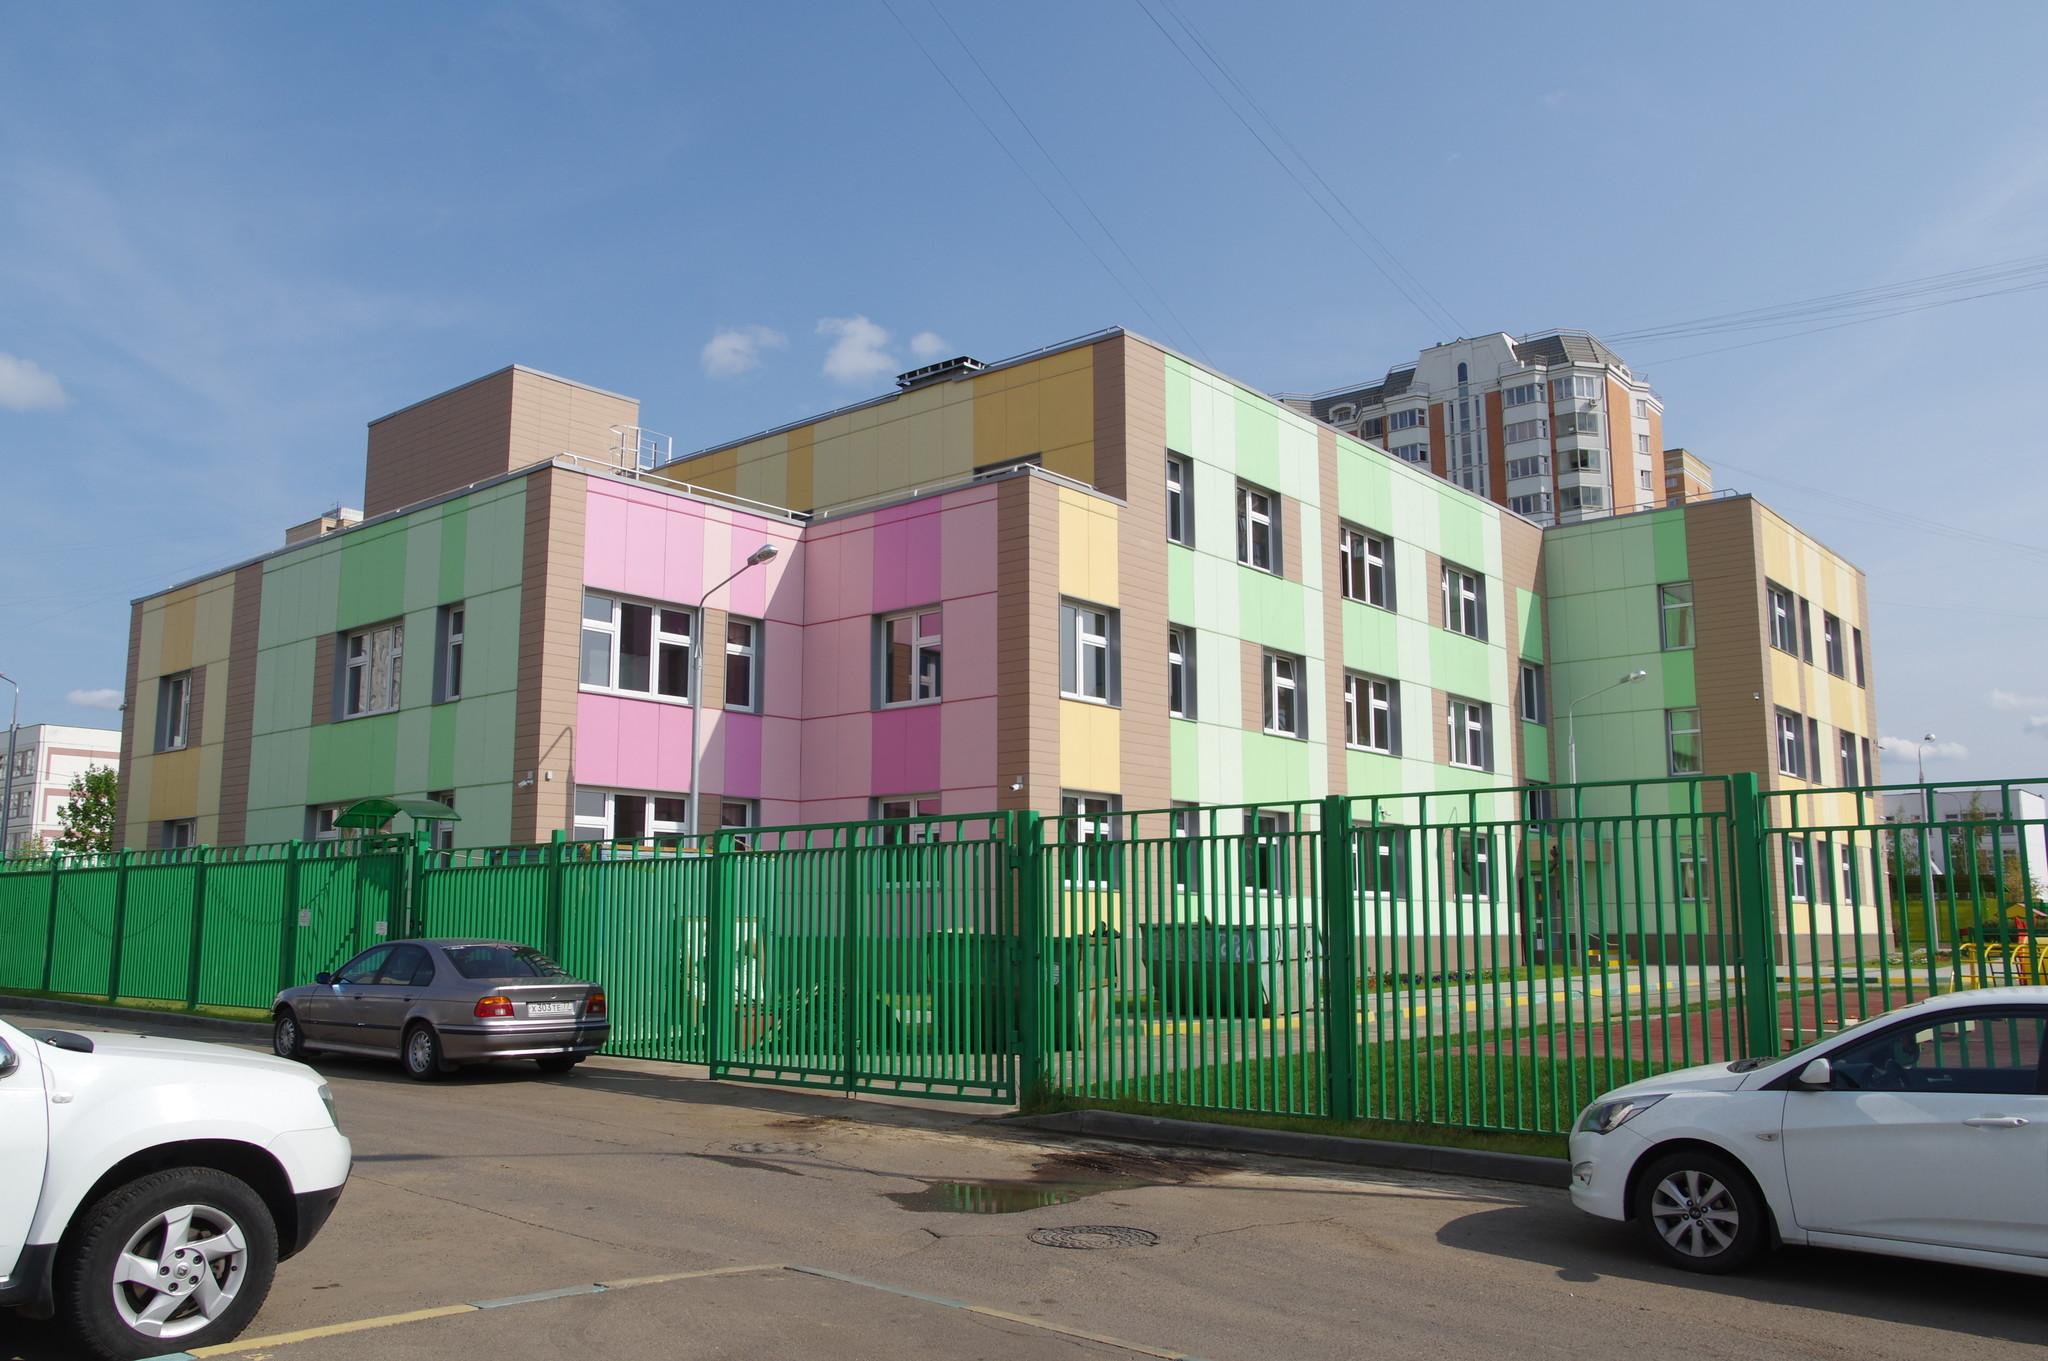 Трёхэтажное здание детского сада, на 200 детей (Дмитровское шоссе, вл. 165, корп. 5)